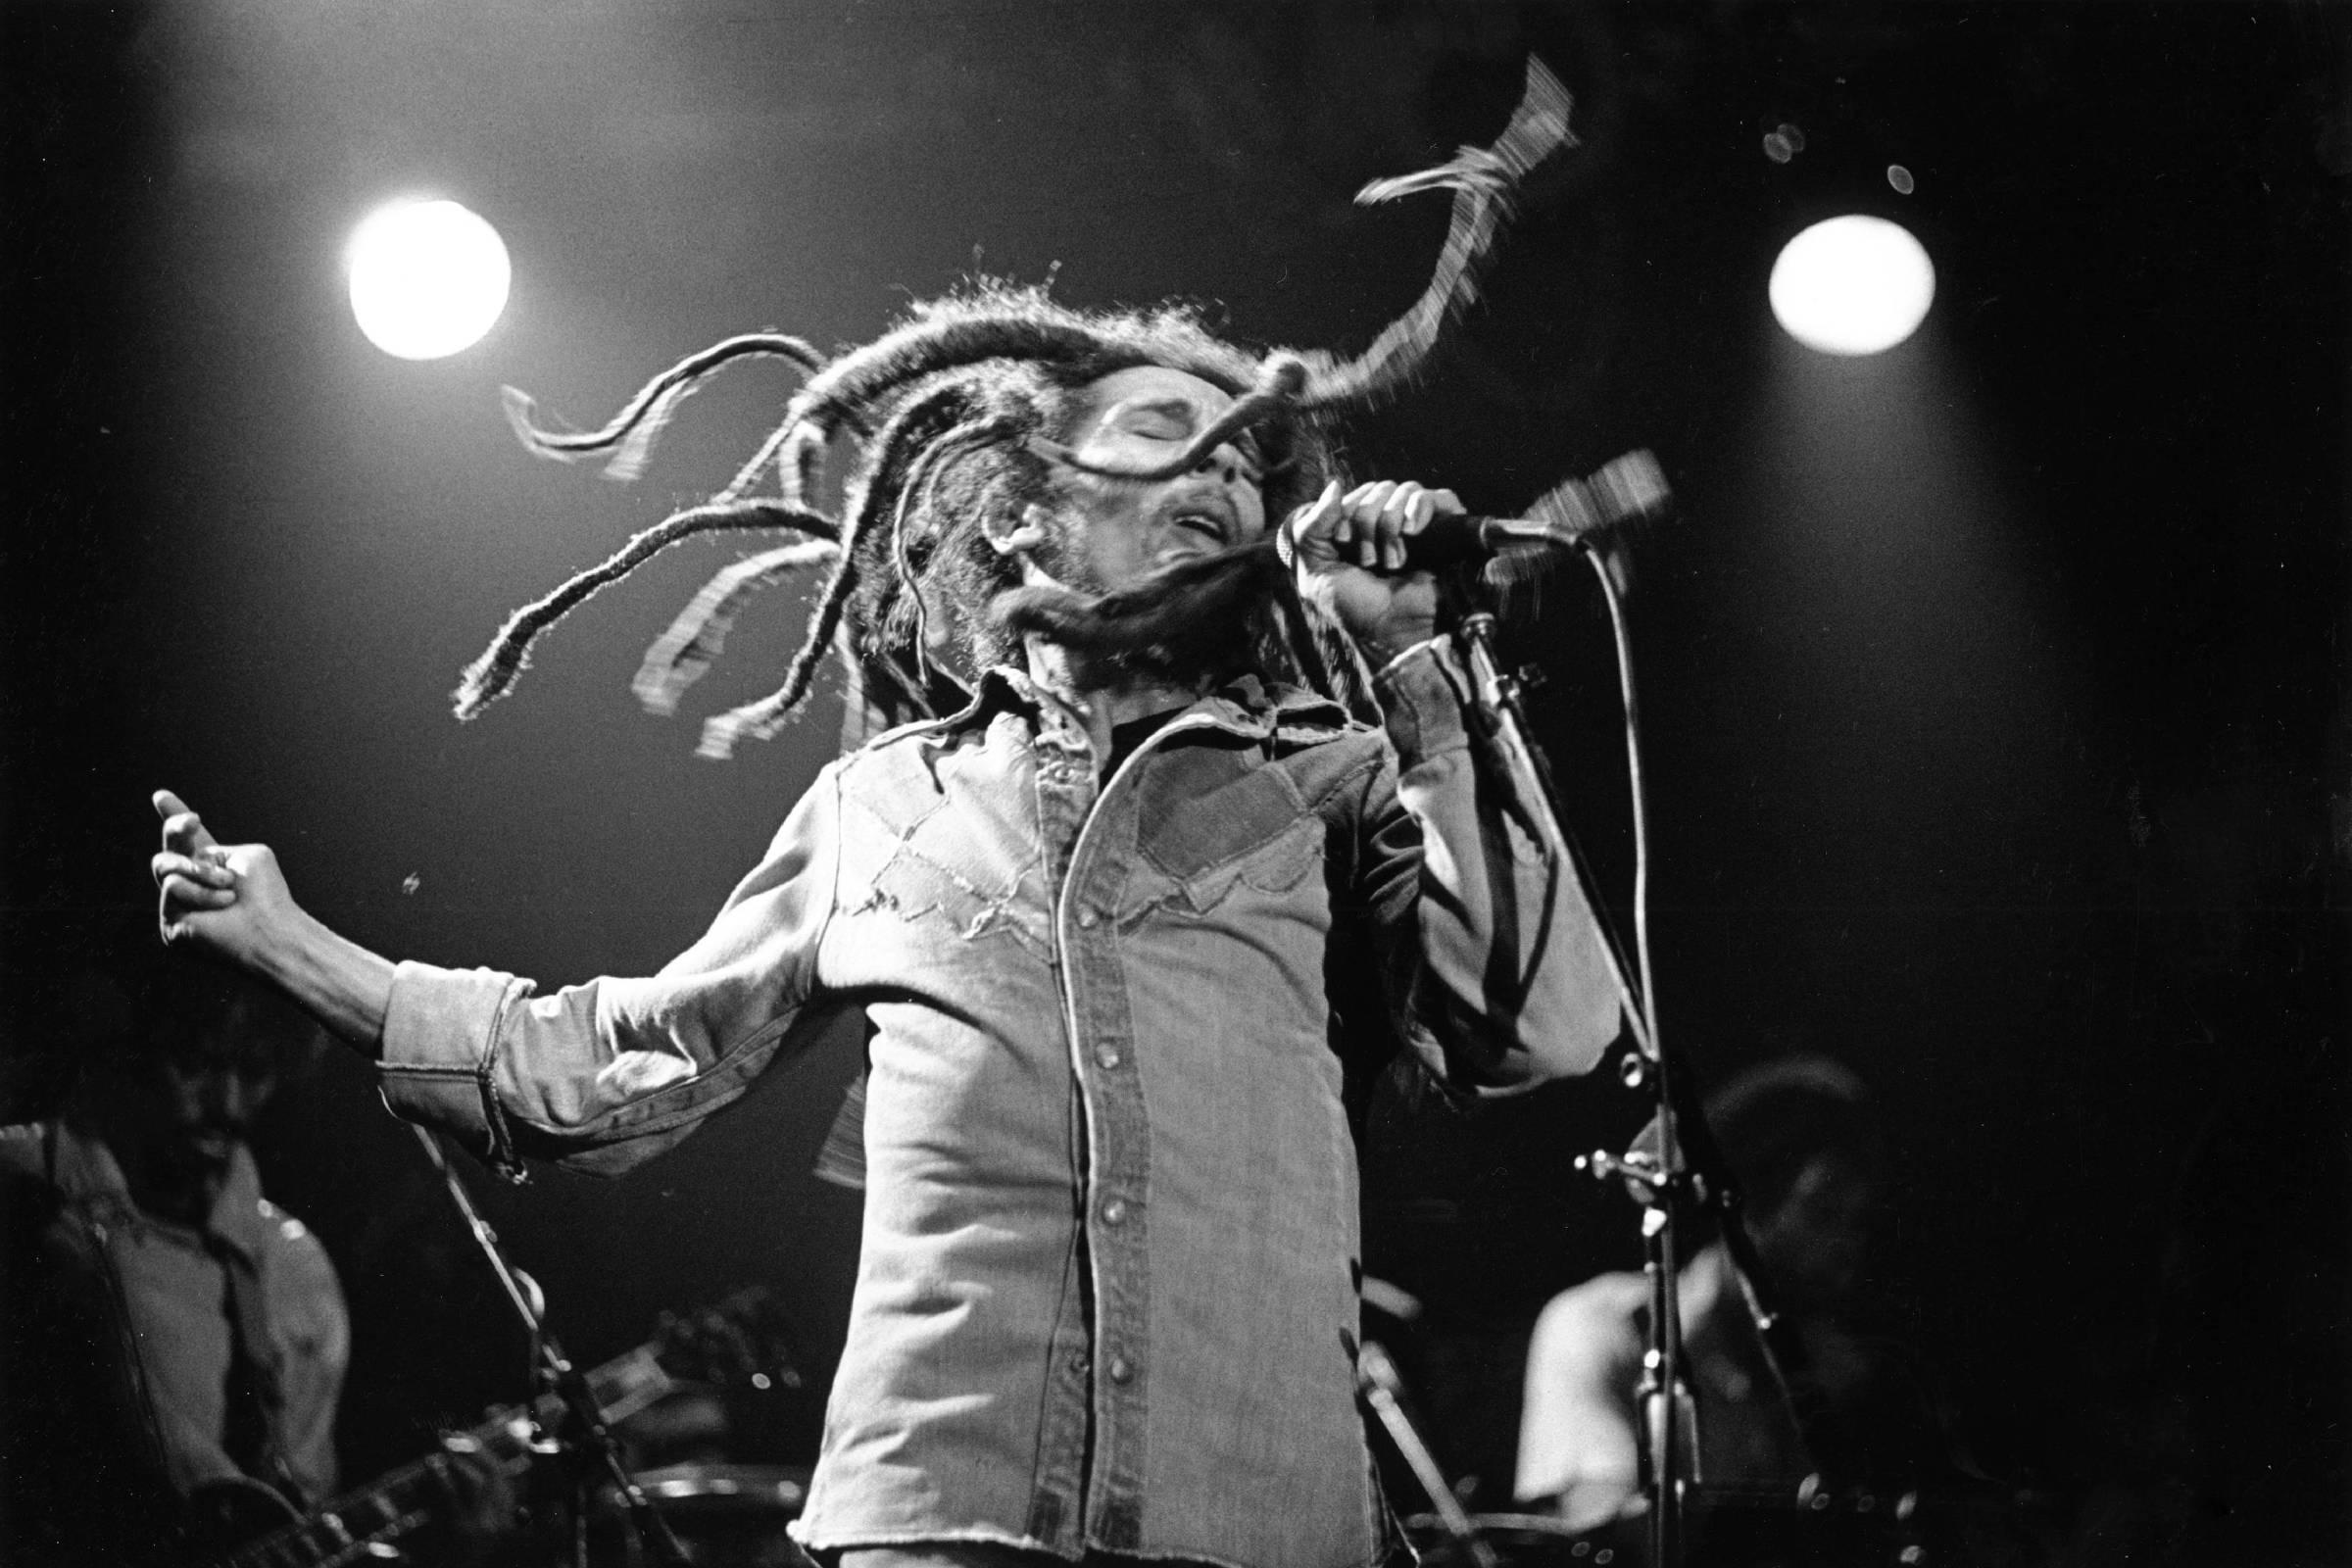 Sábado tem show tributo a Bob Marley e festa de São Vito  veja 15 atrações  em SP - 14 07 2018 - Hoje - Guia Folha 3a08b8cde5833